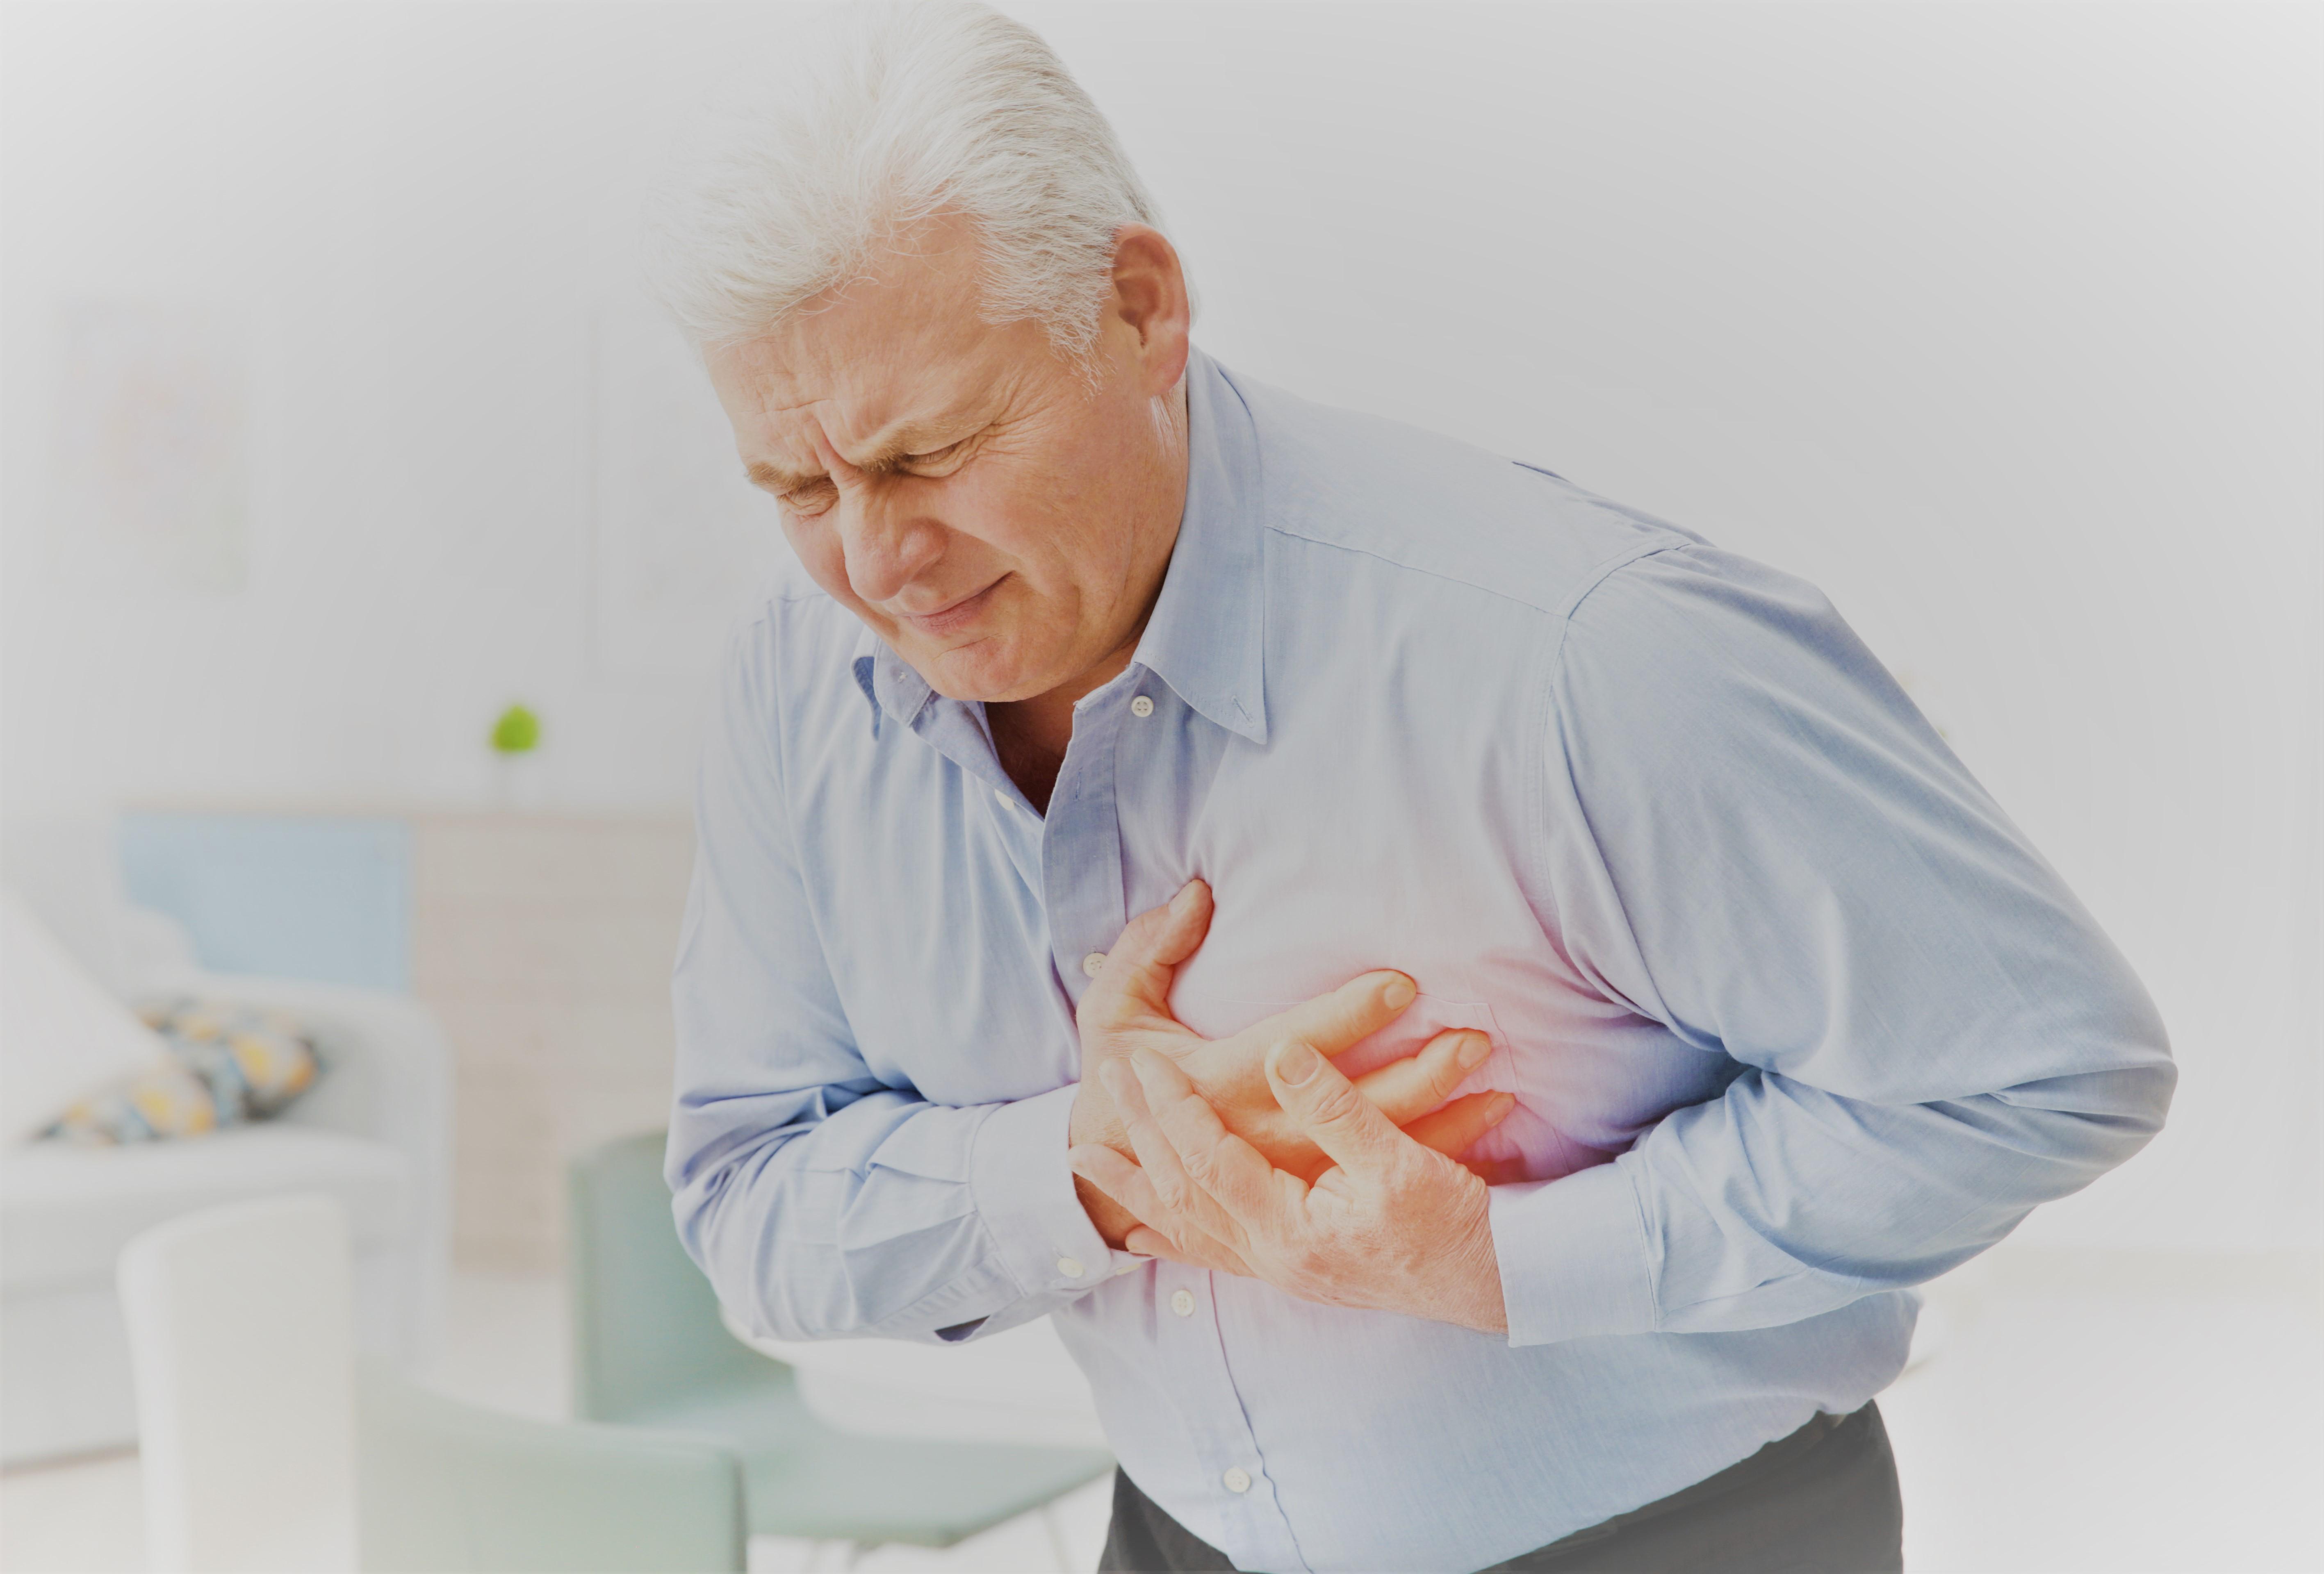 szívfájdalom magas vérnyomás kezeléssel otthoni receptek a magas vérnyomás ellen